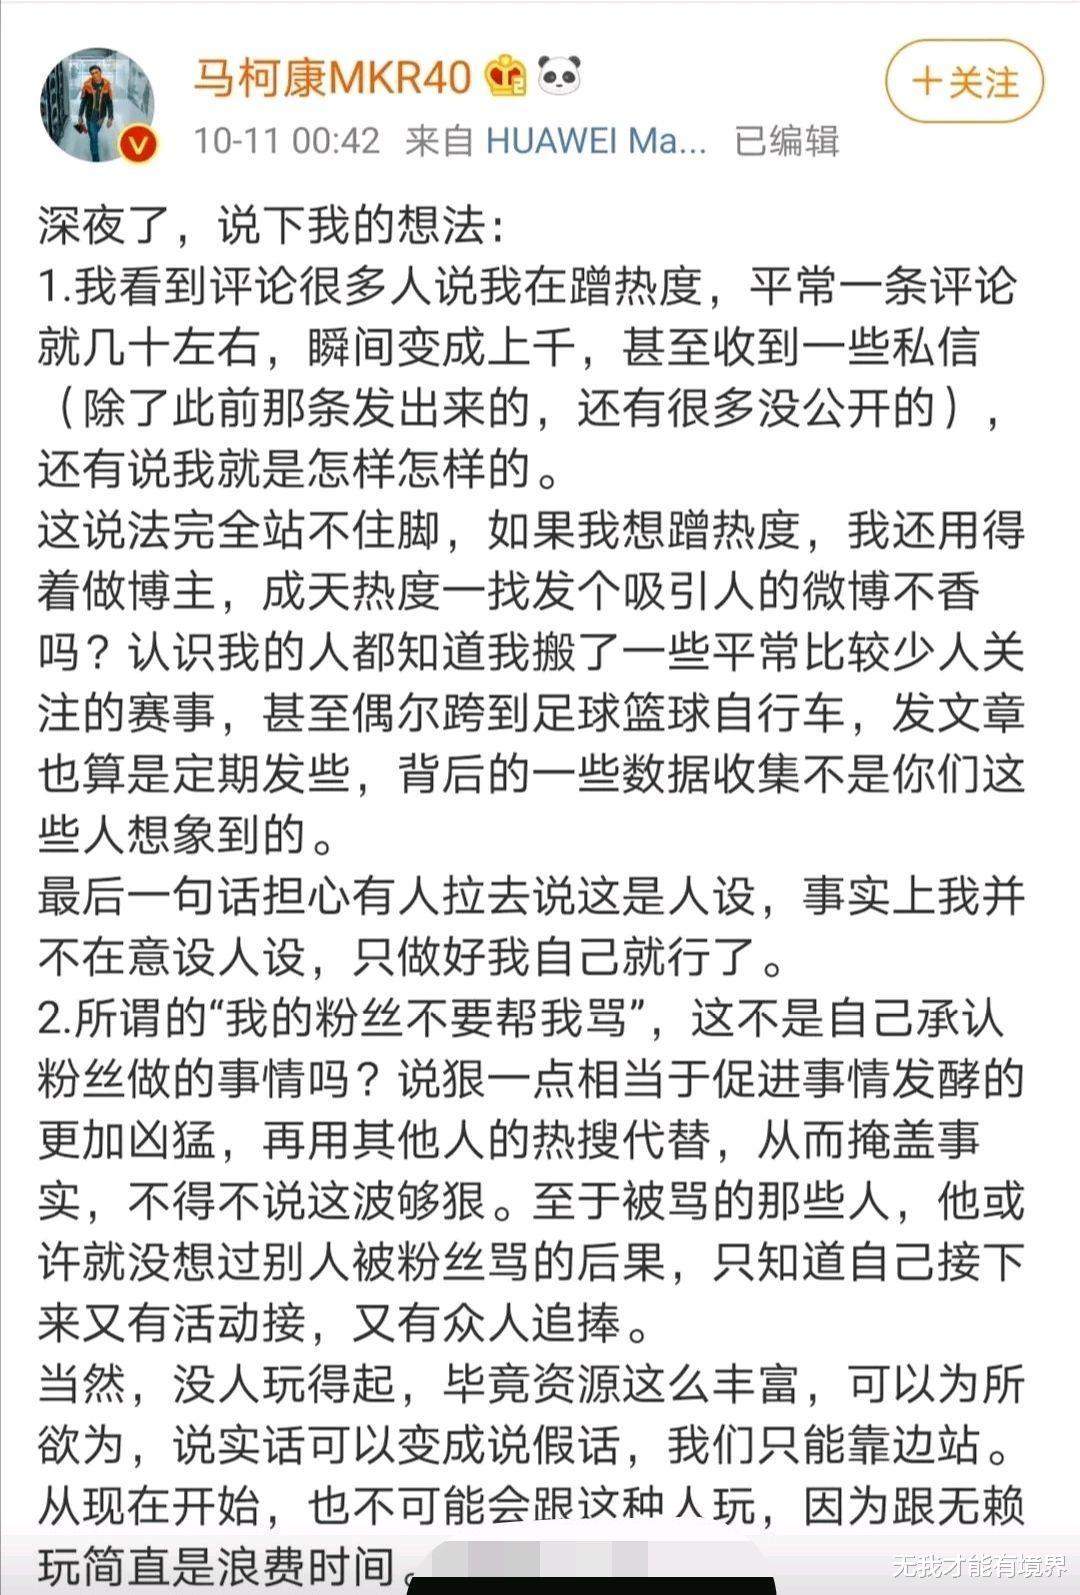 王一博摔車事件不斷升溫,圈內車友中肯評價,對粉絲攻擊表示不滿-圖2